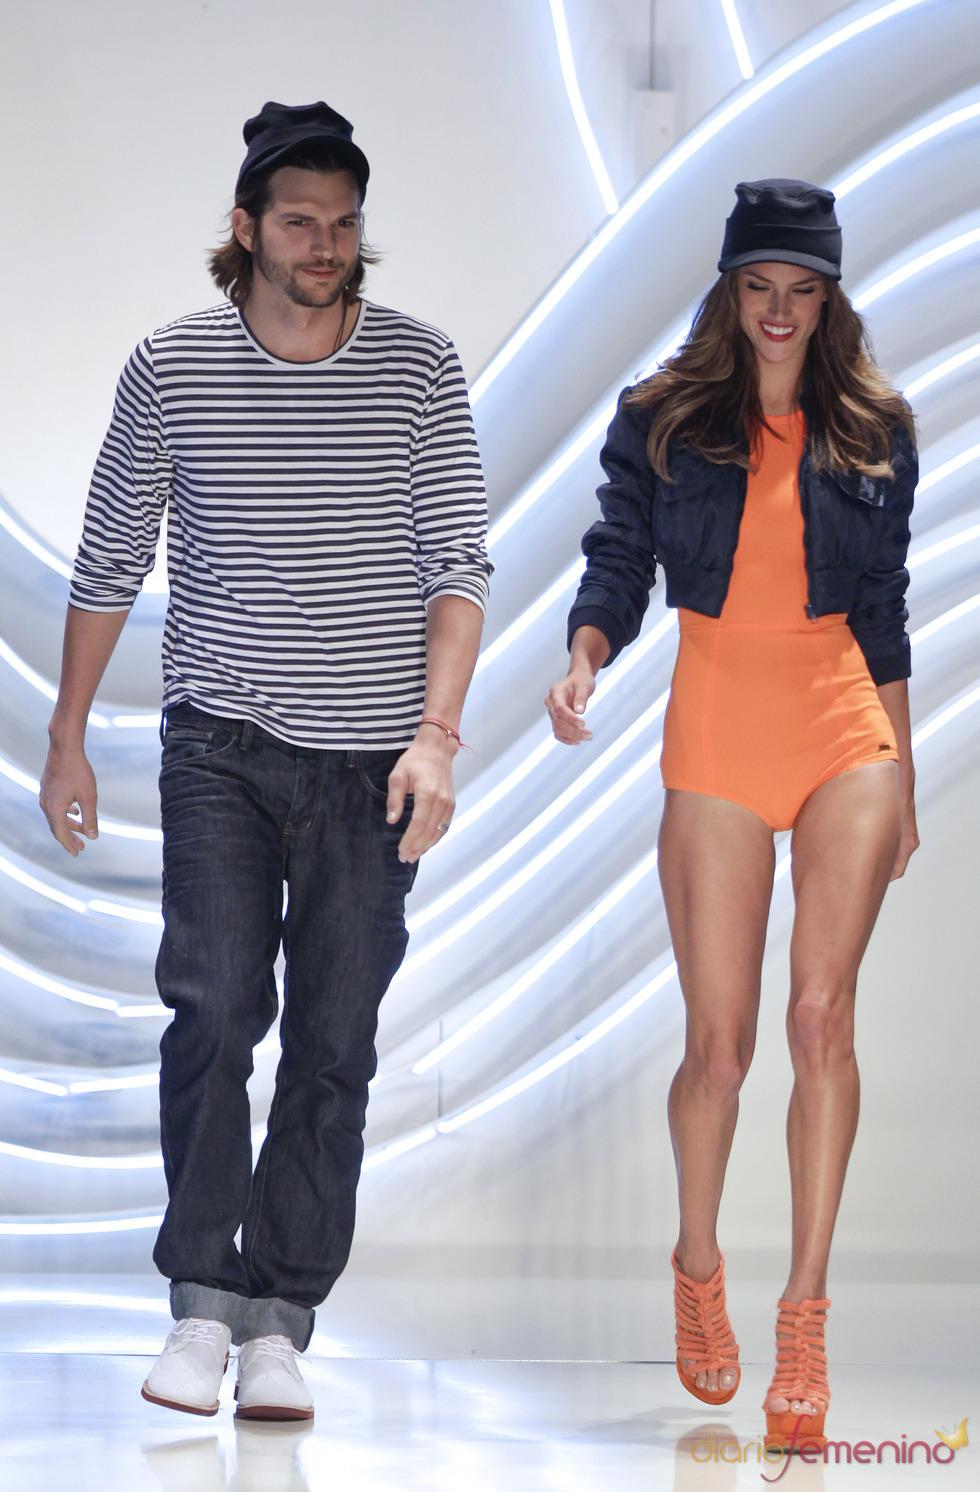 Alessandra Ambrosio y Asthon Kutcher desfilan en la pasarela de Sao Paulo